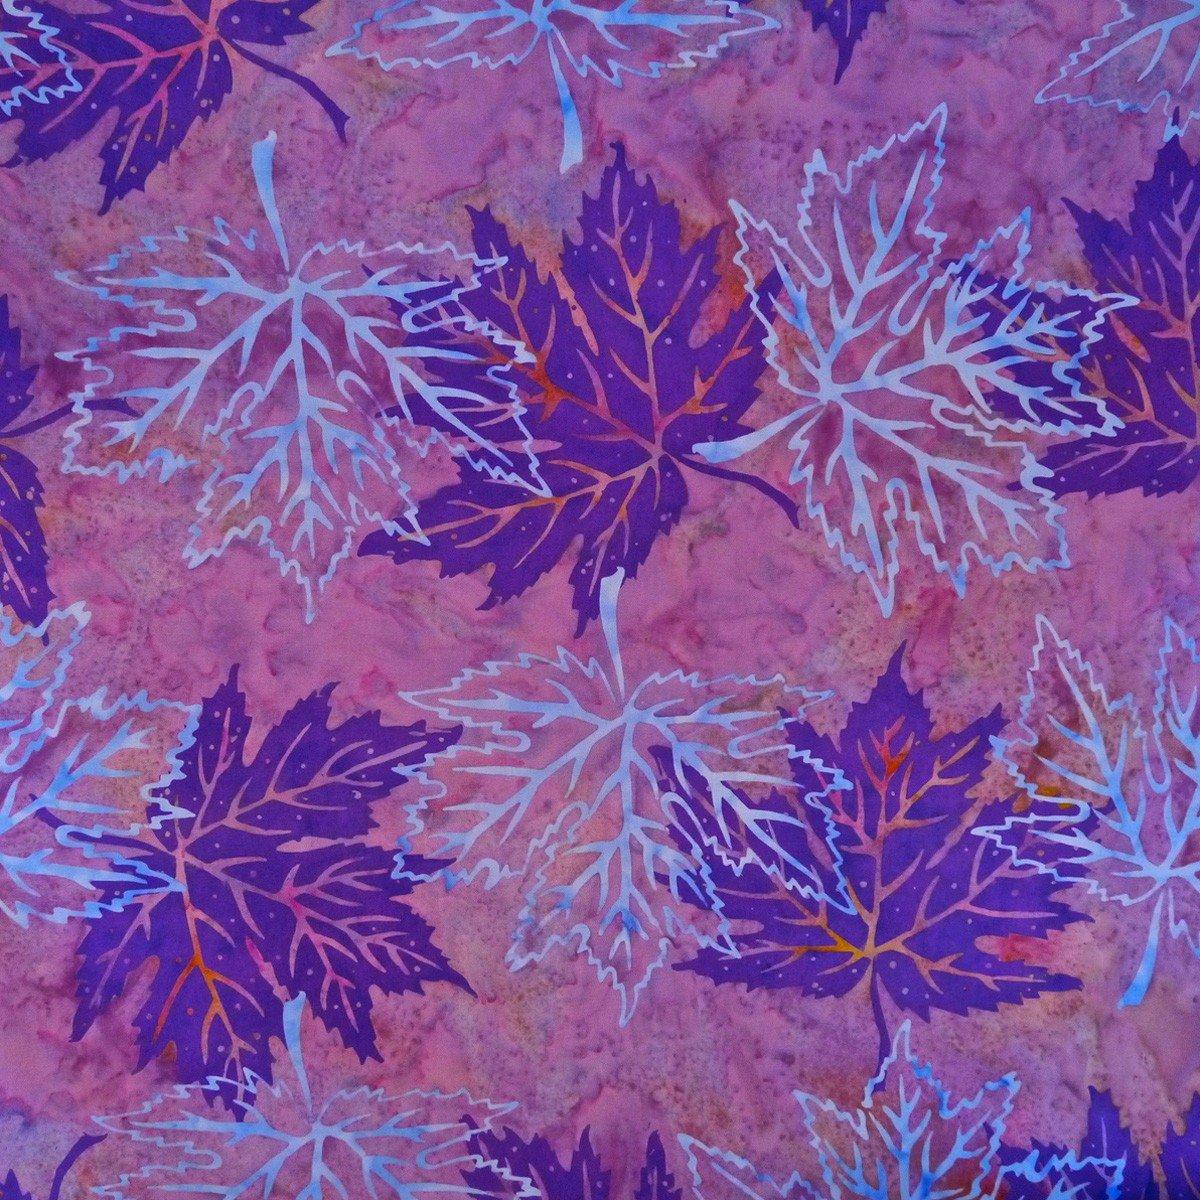 Silhouette Fragrant Lilac Batik by Mirah